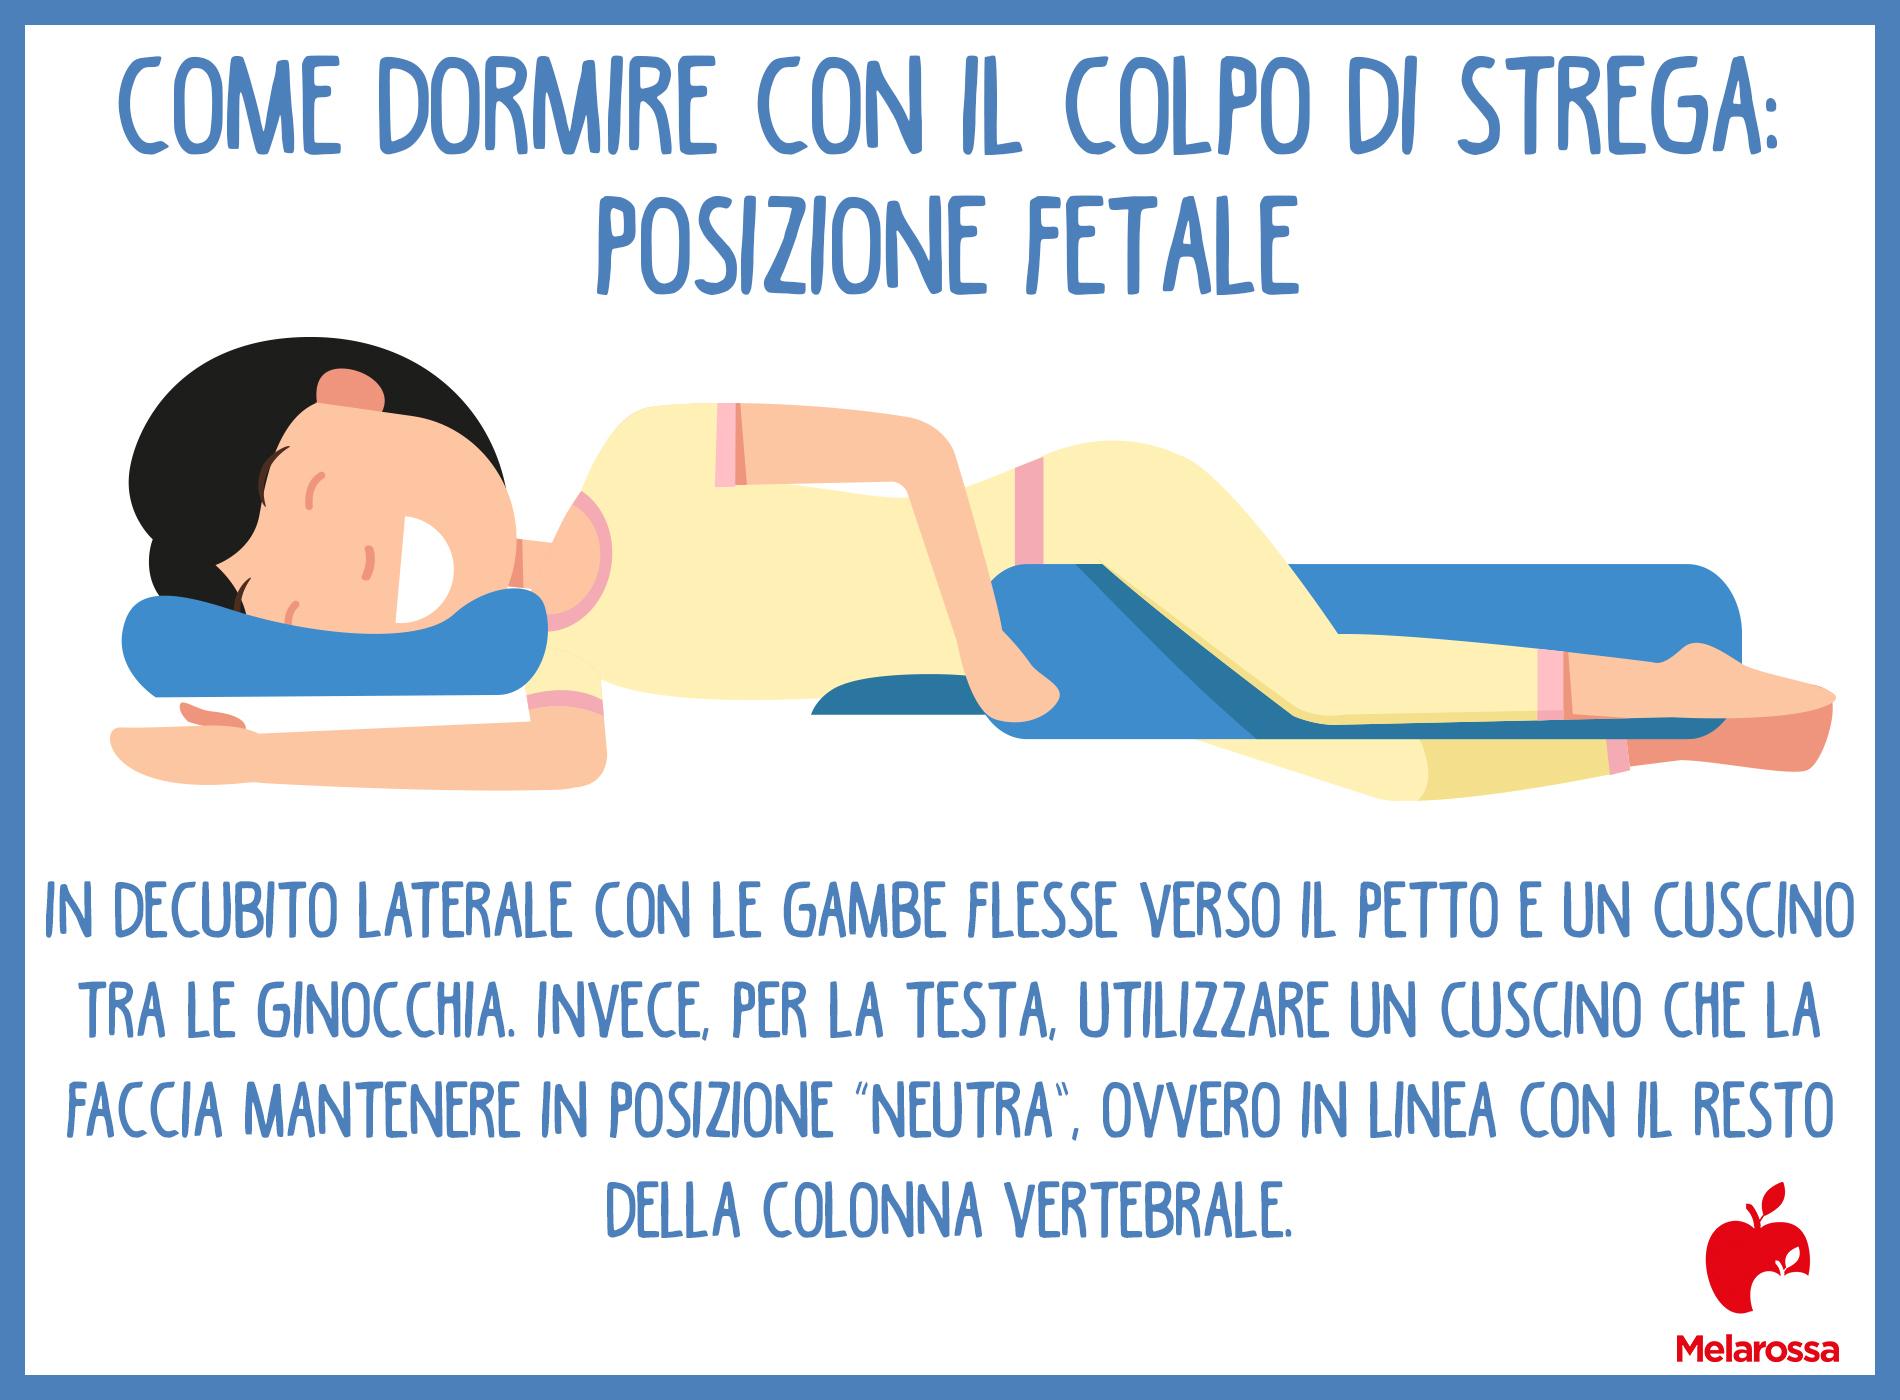 mal di schiena: posizioni per dormire con il colpo della strega